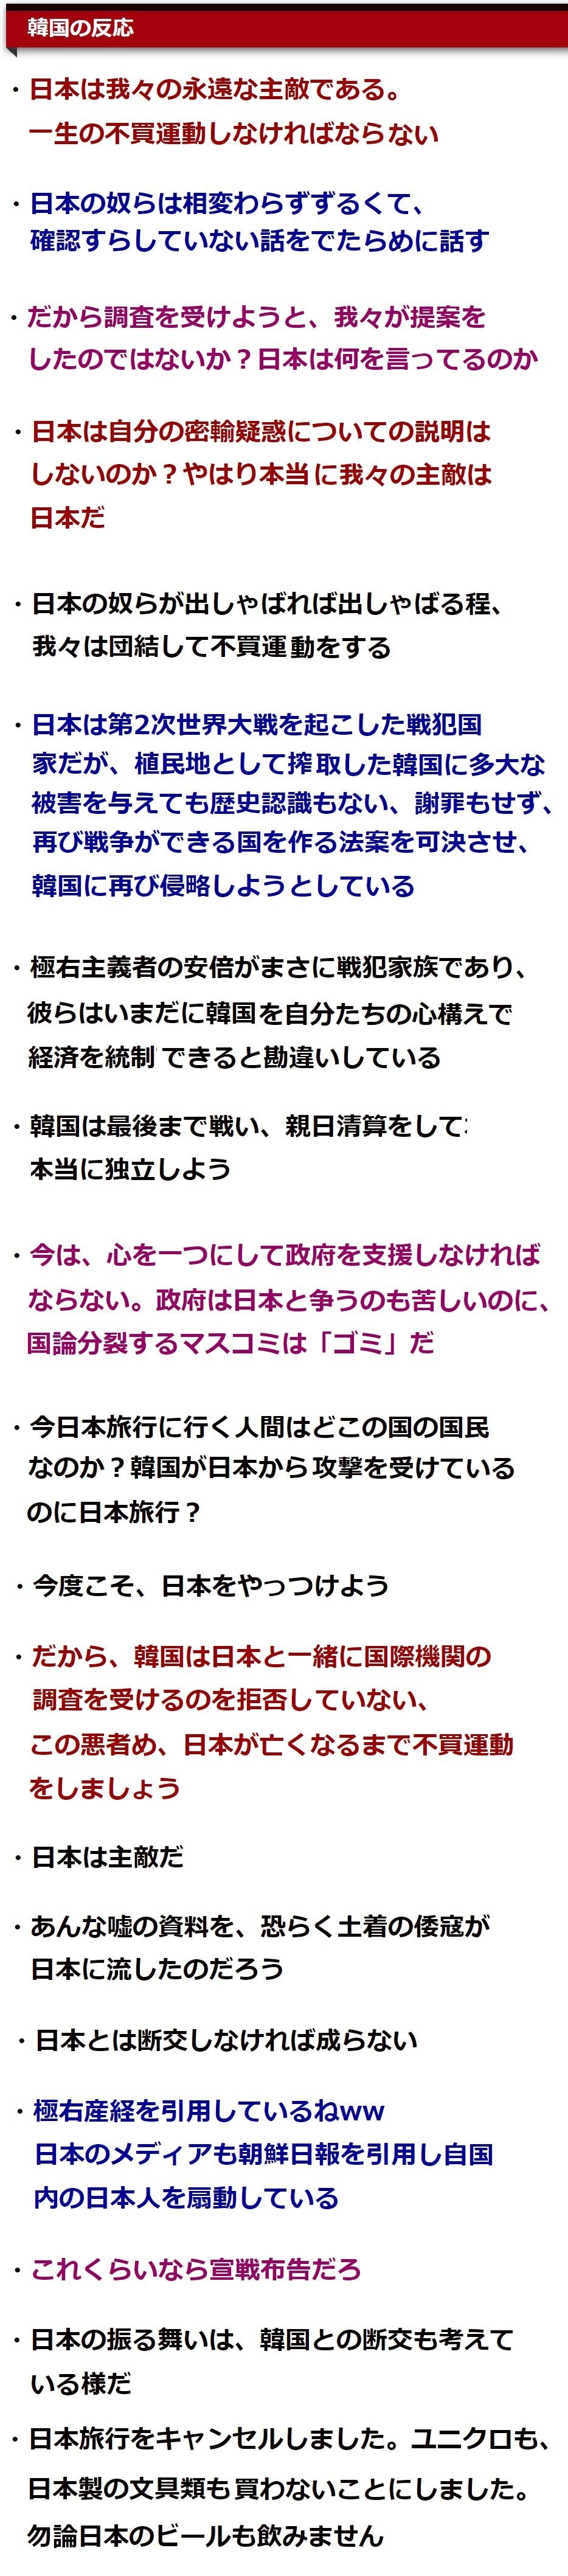 日本の産経の報道に火病るチョン2